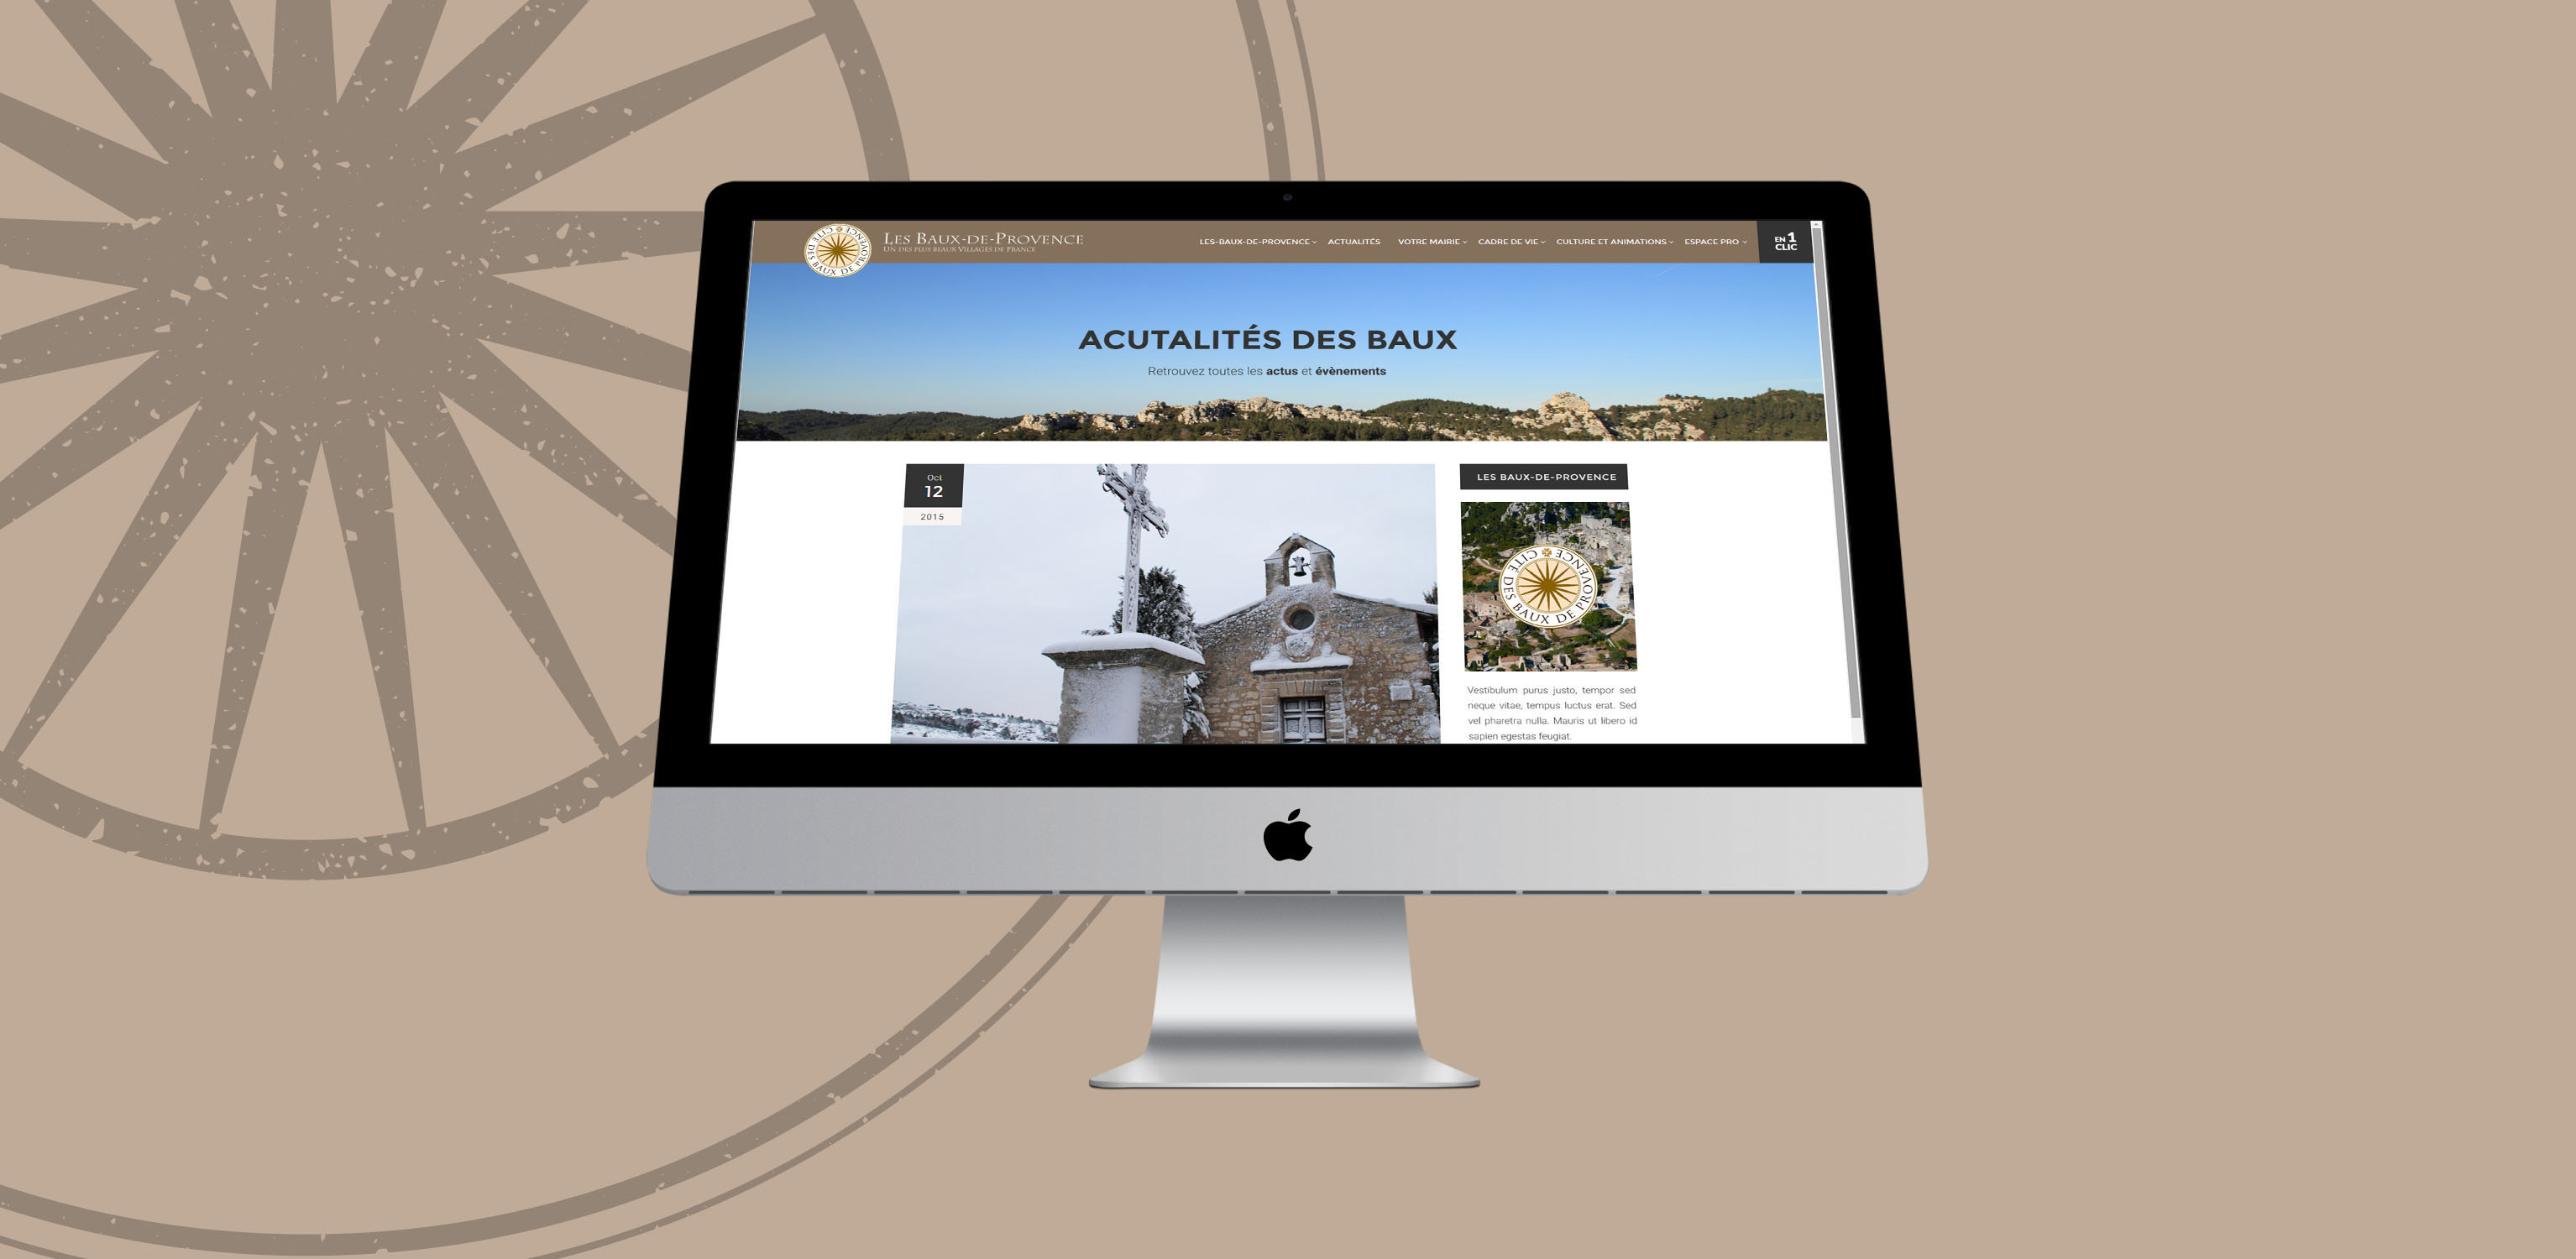 Les Baux de Provences, création de site web - Agence Wacan